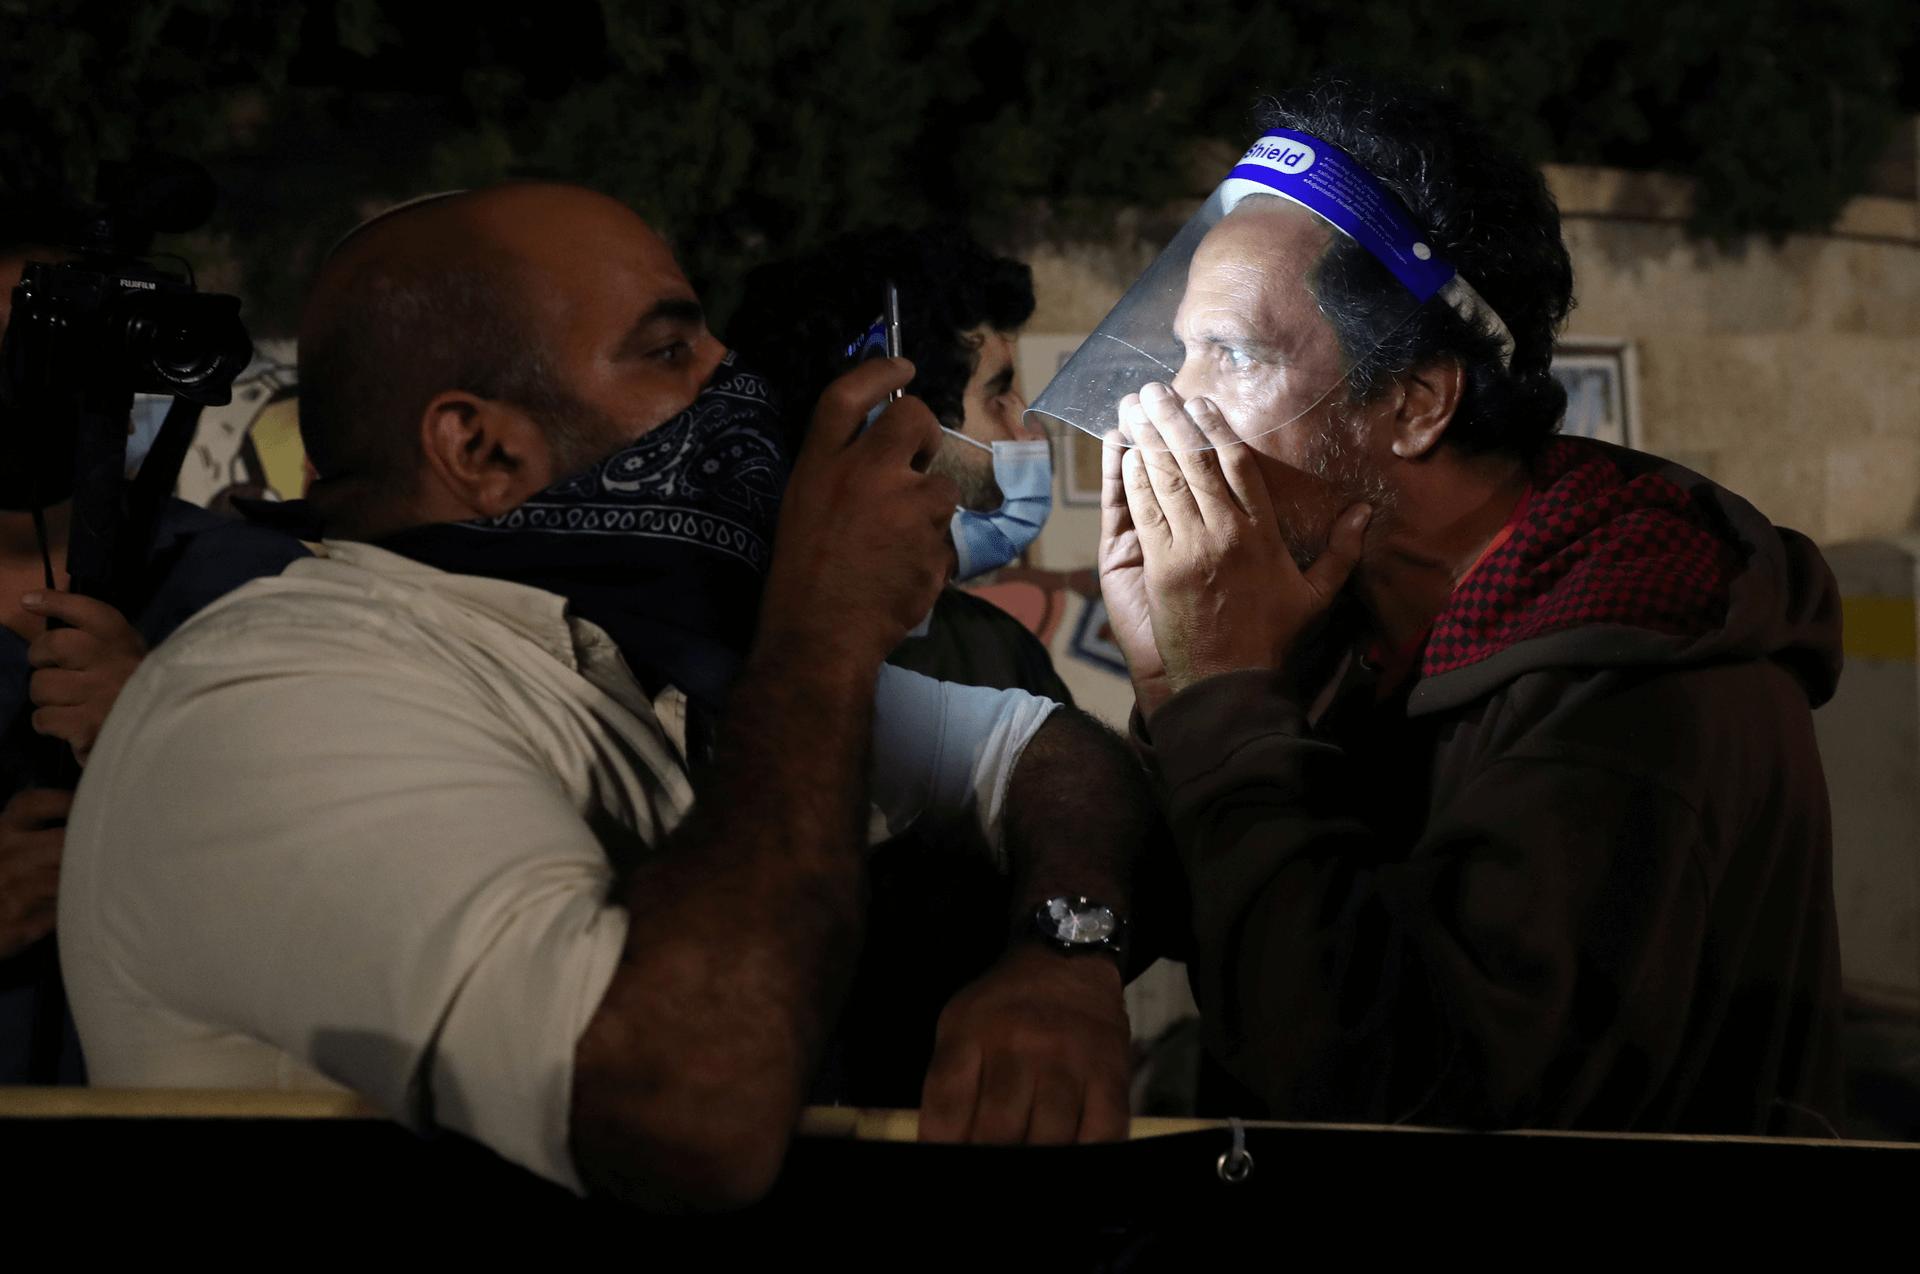 מפגינים מימין ומשמאל בעימות חזיתי בירושלים, אוקטובר 2020. צילום: רויטרס